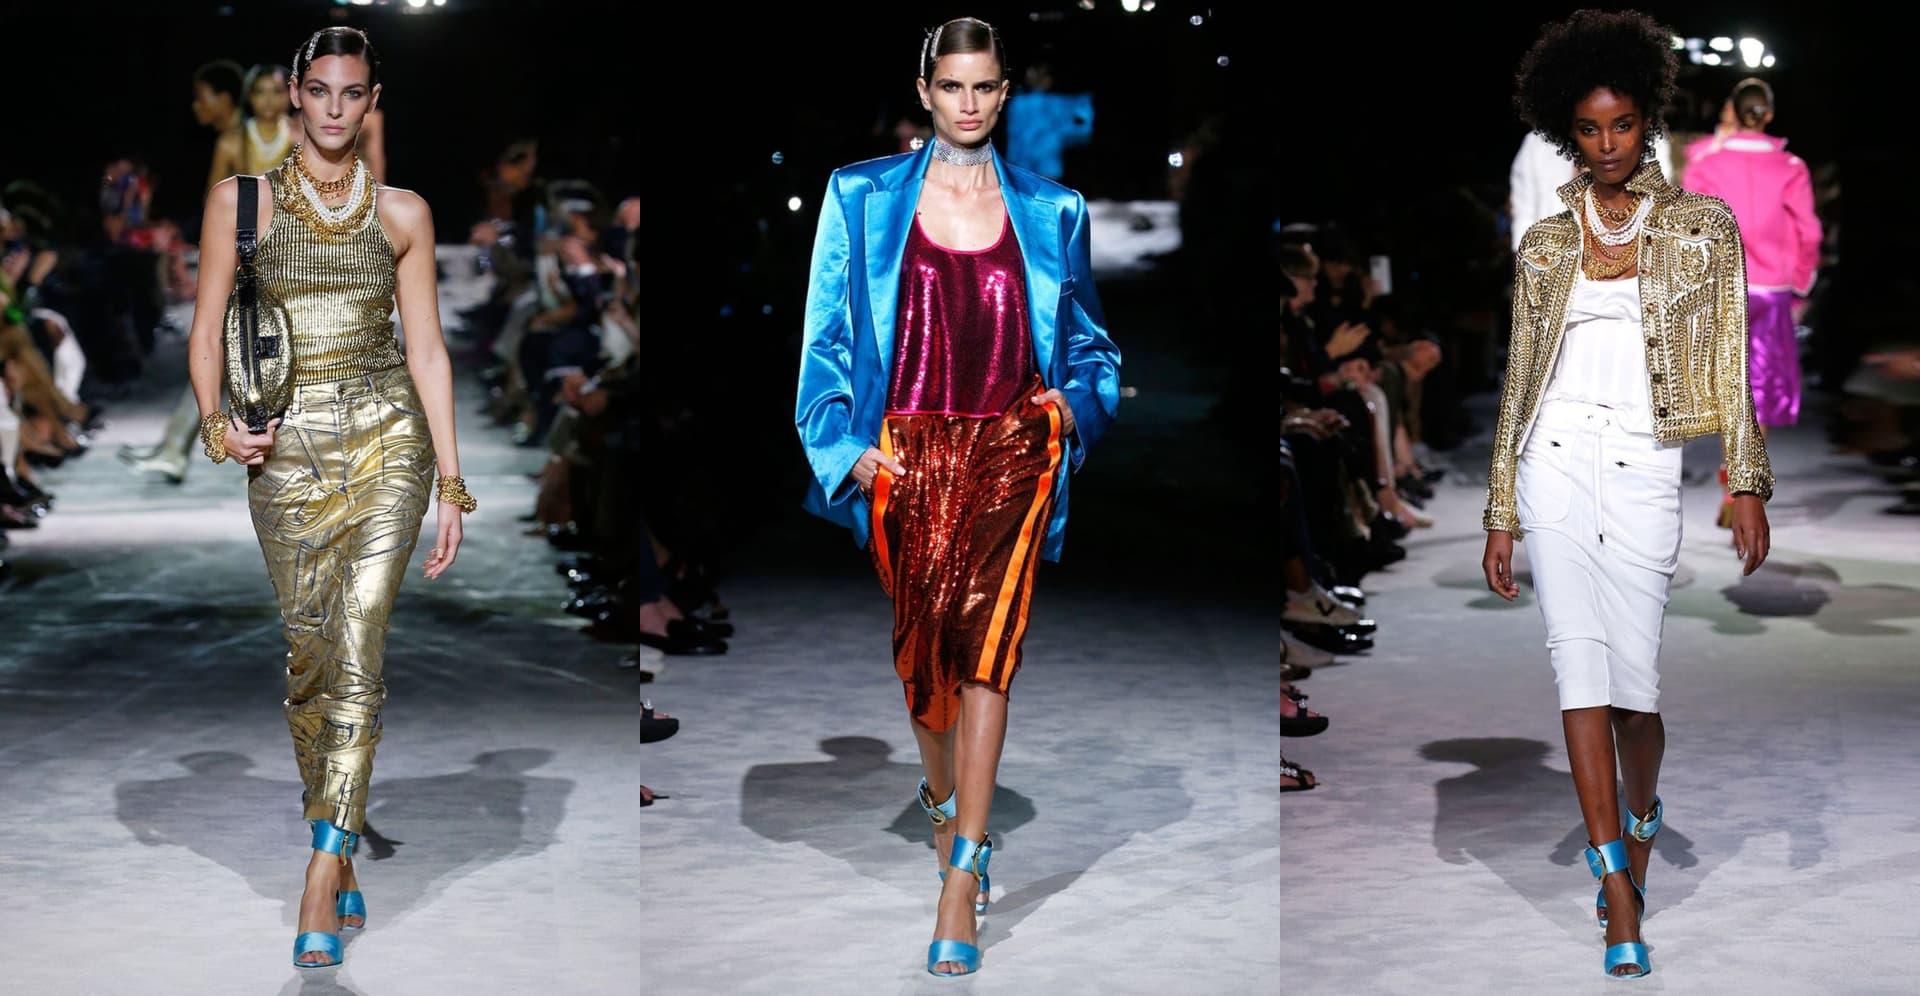 Semana de la moda NYC